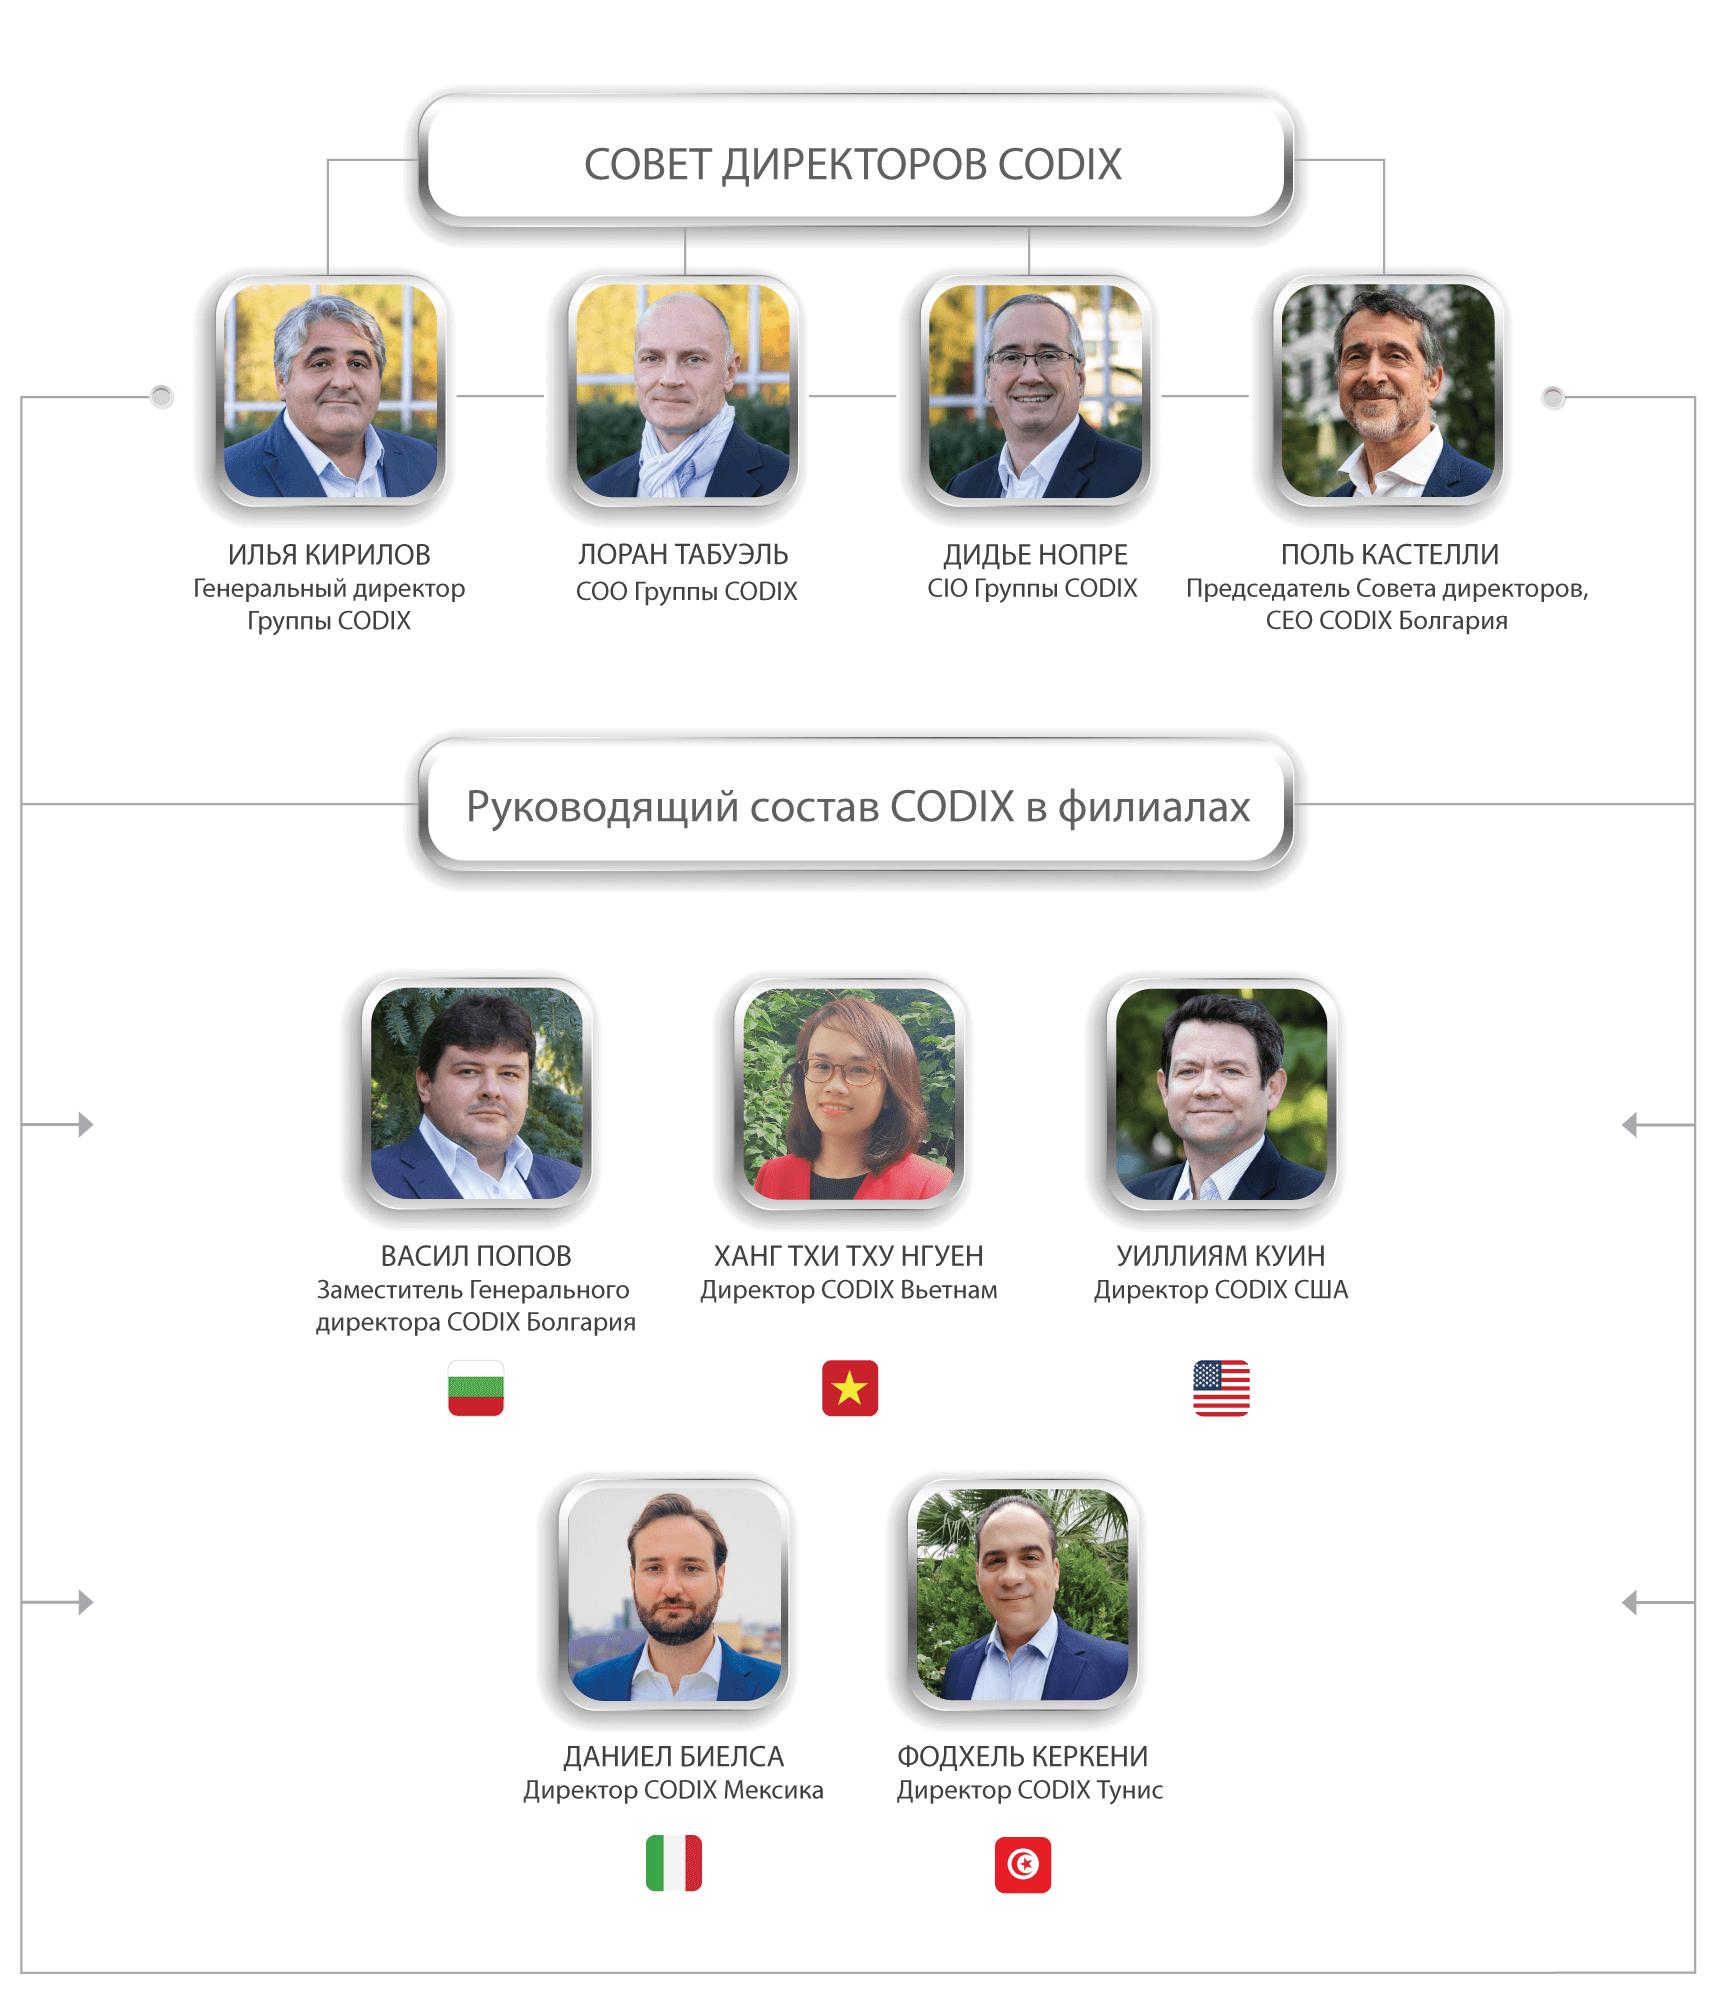 Совет директоров CODIX и управленческий состав в странах